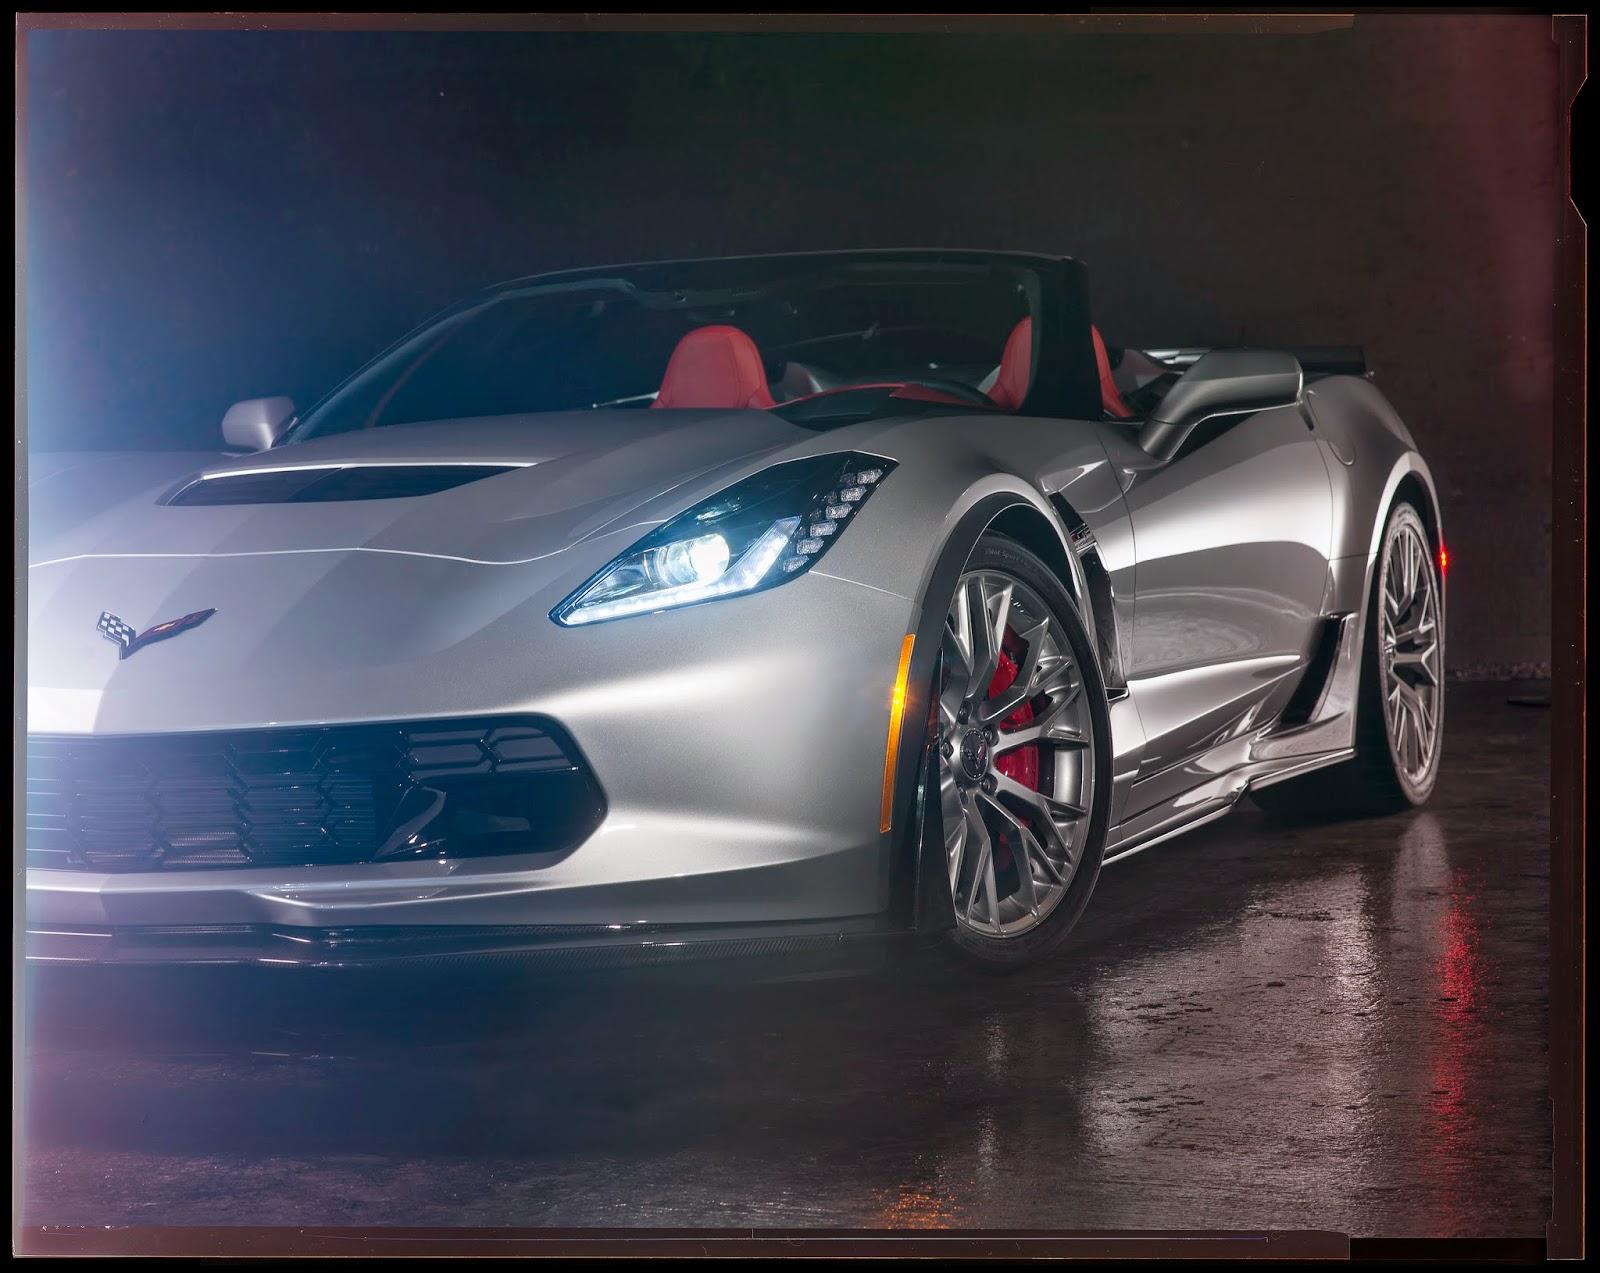 2015 Corvette Z06 Priced at $78,995